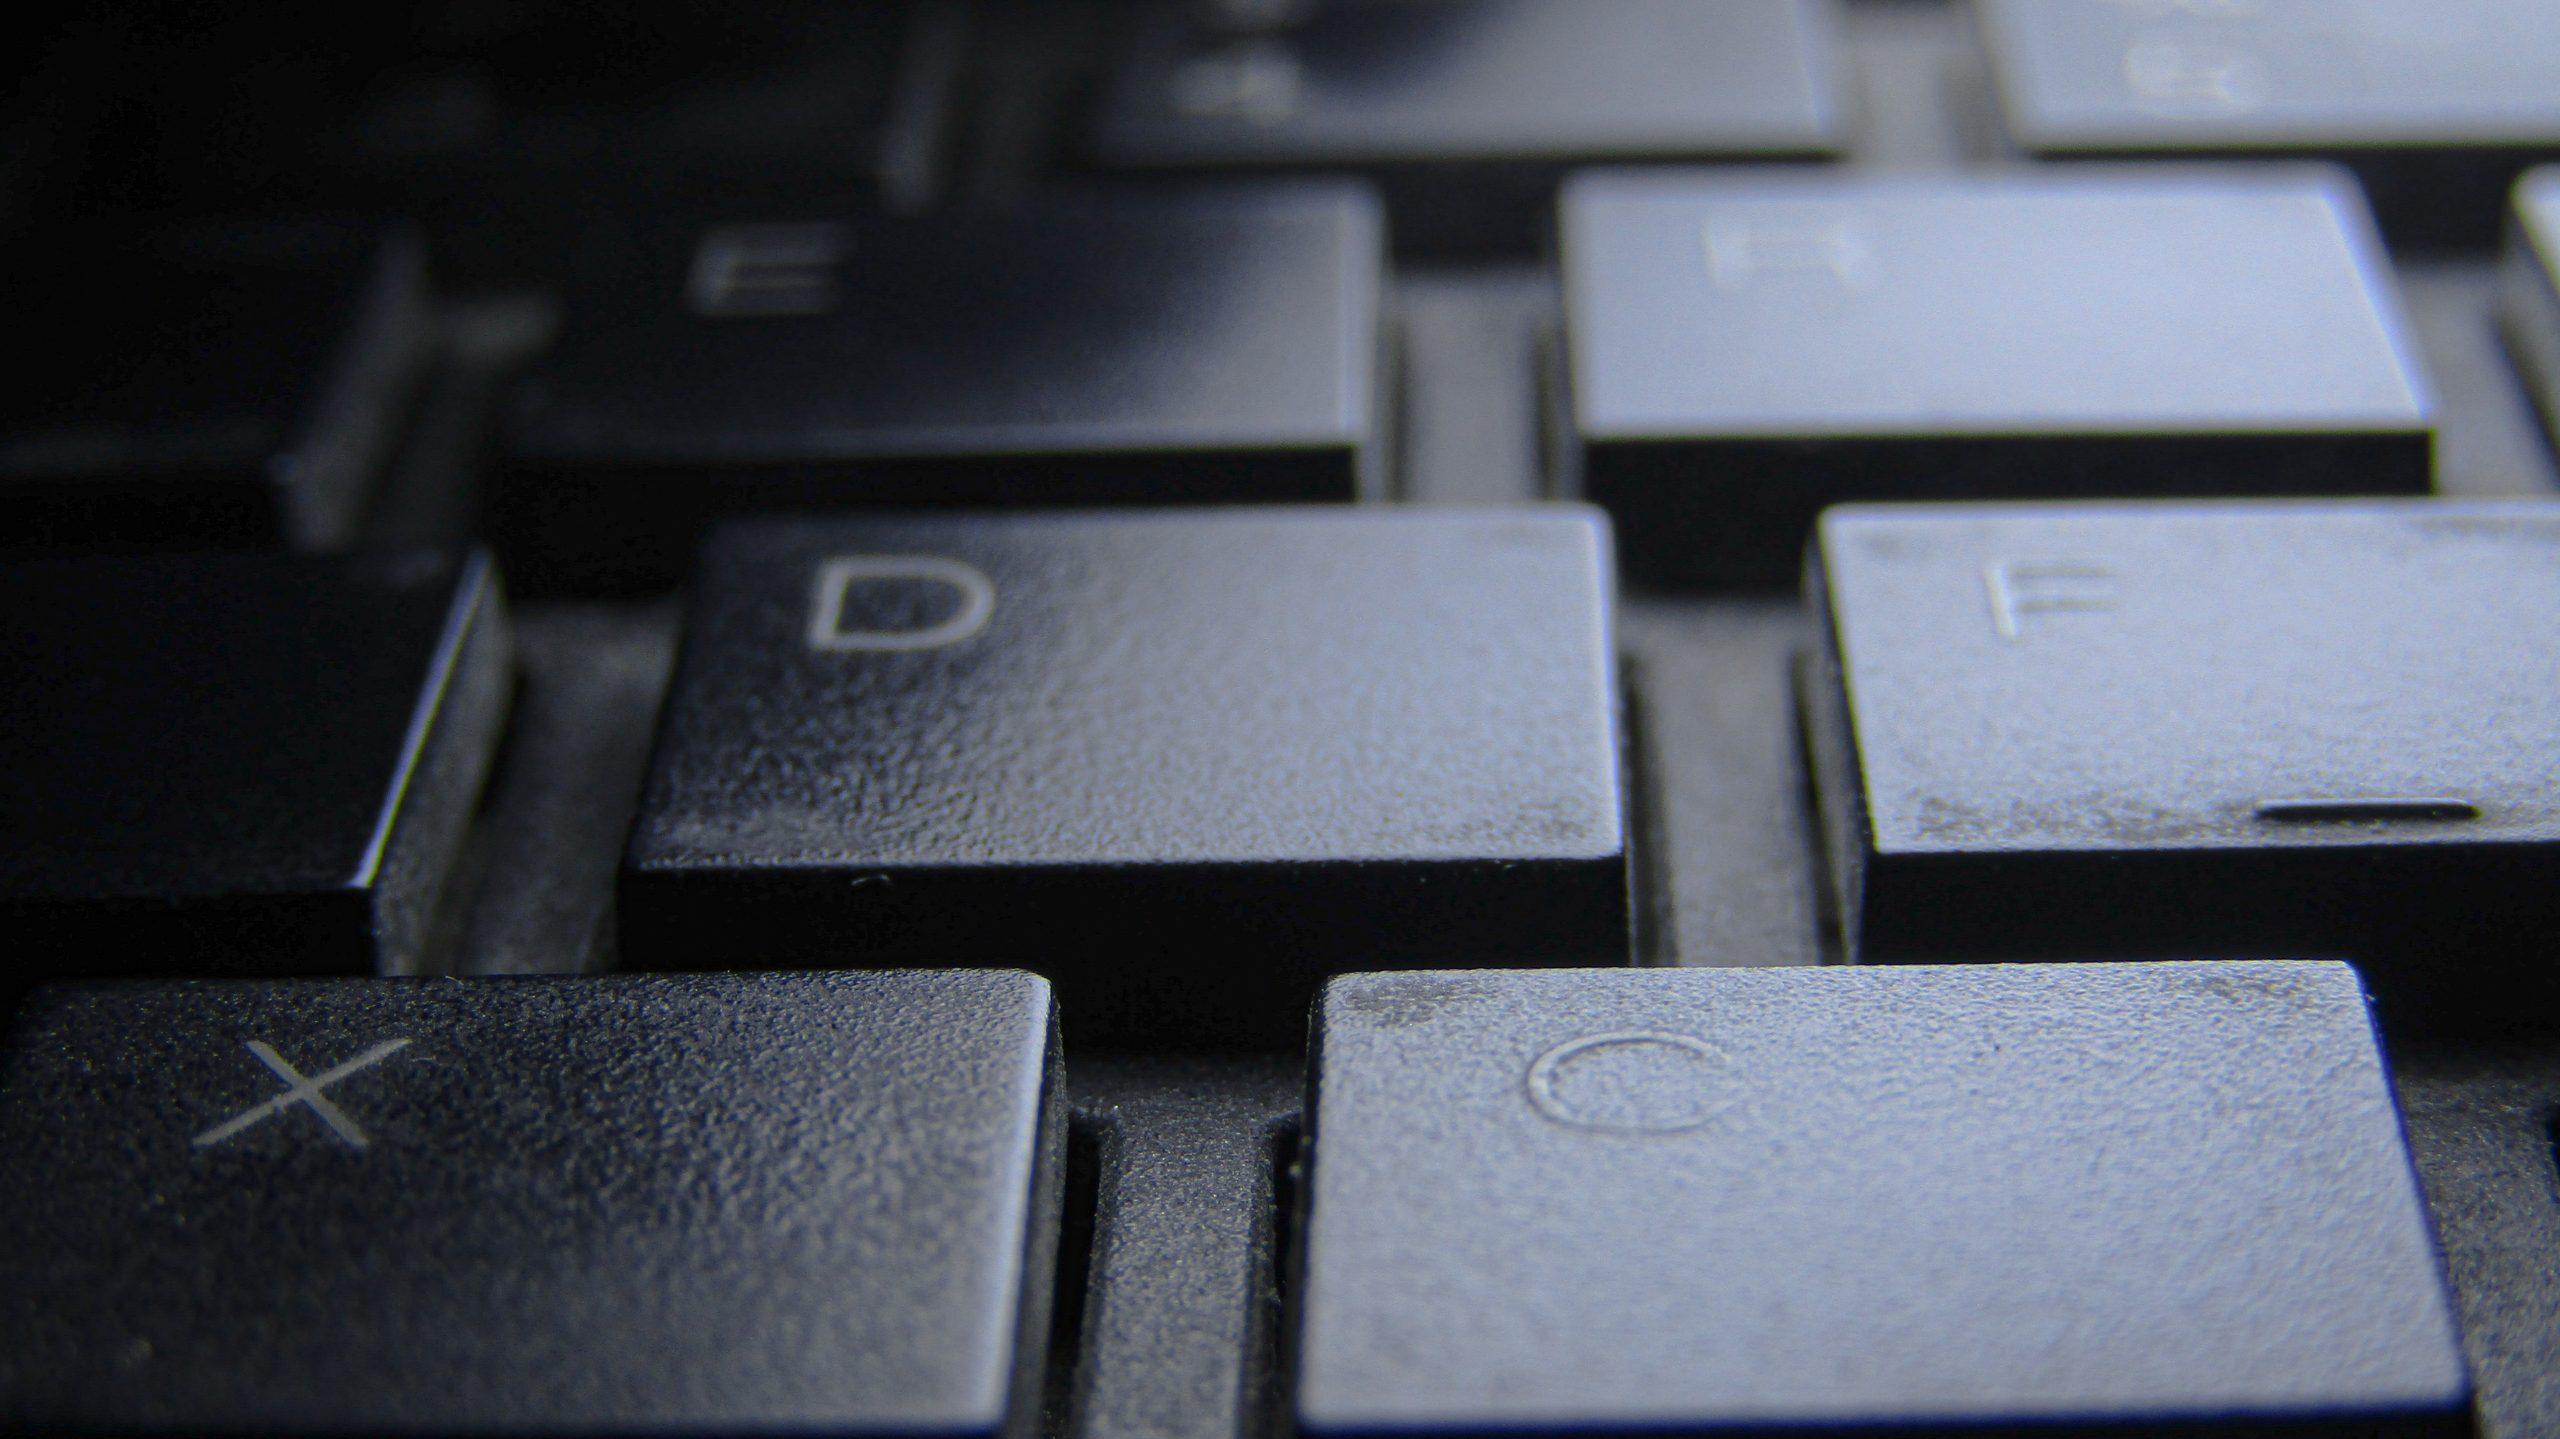 Keys of a laptop keyboard